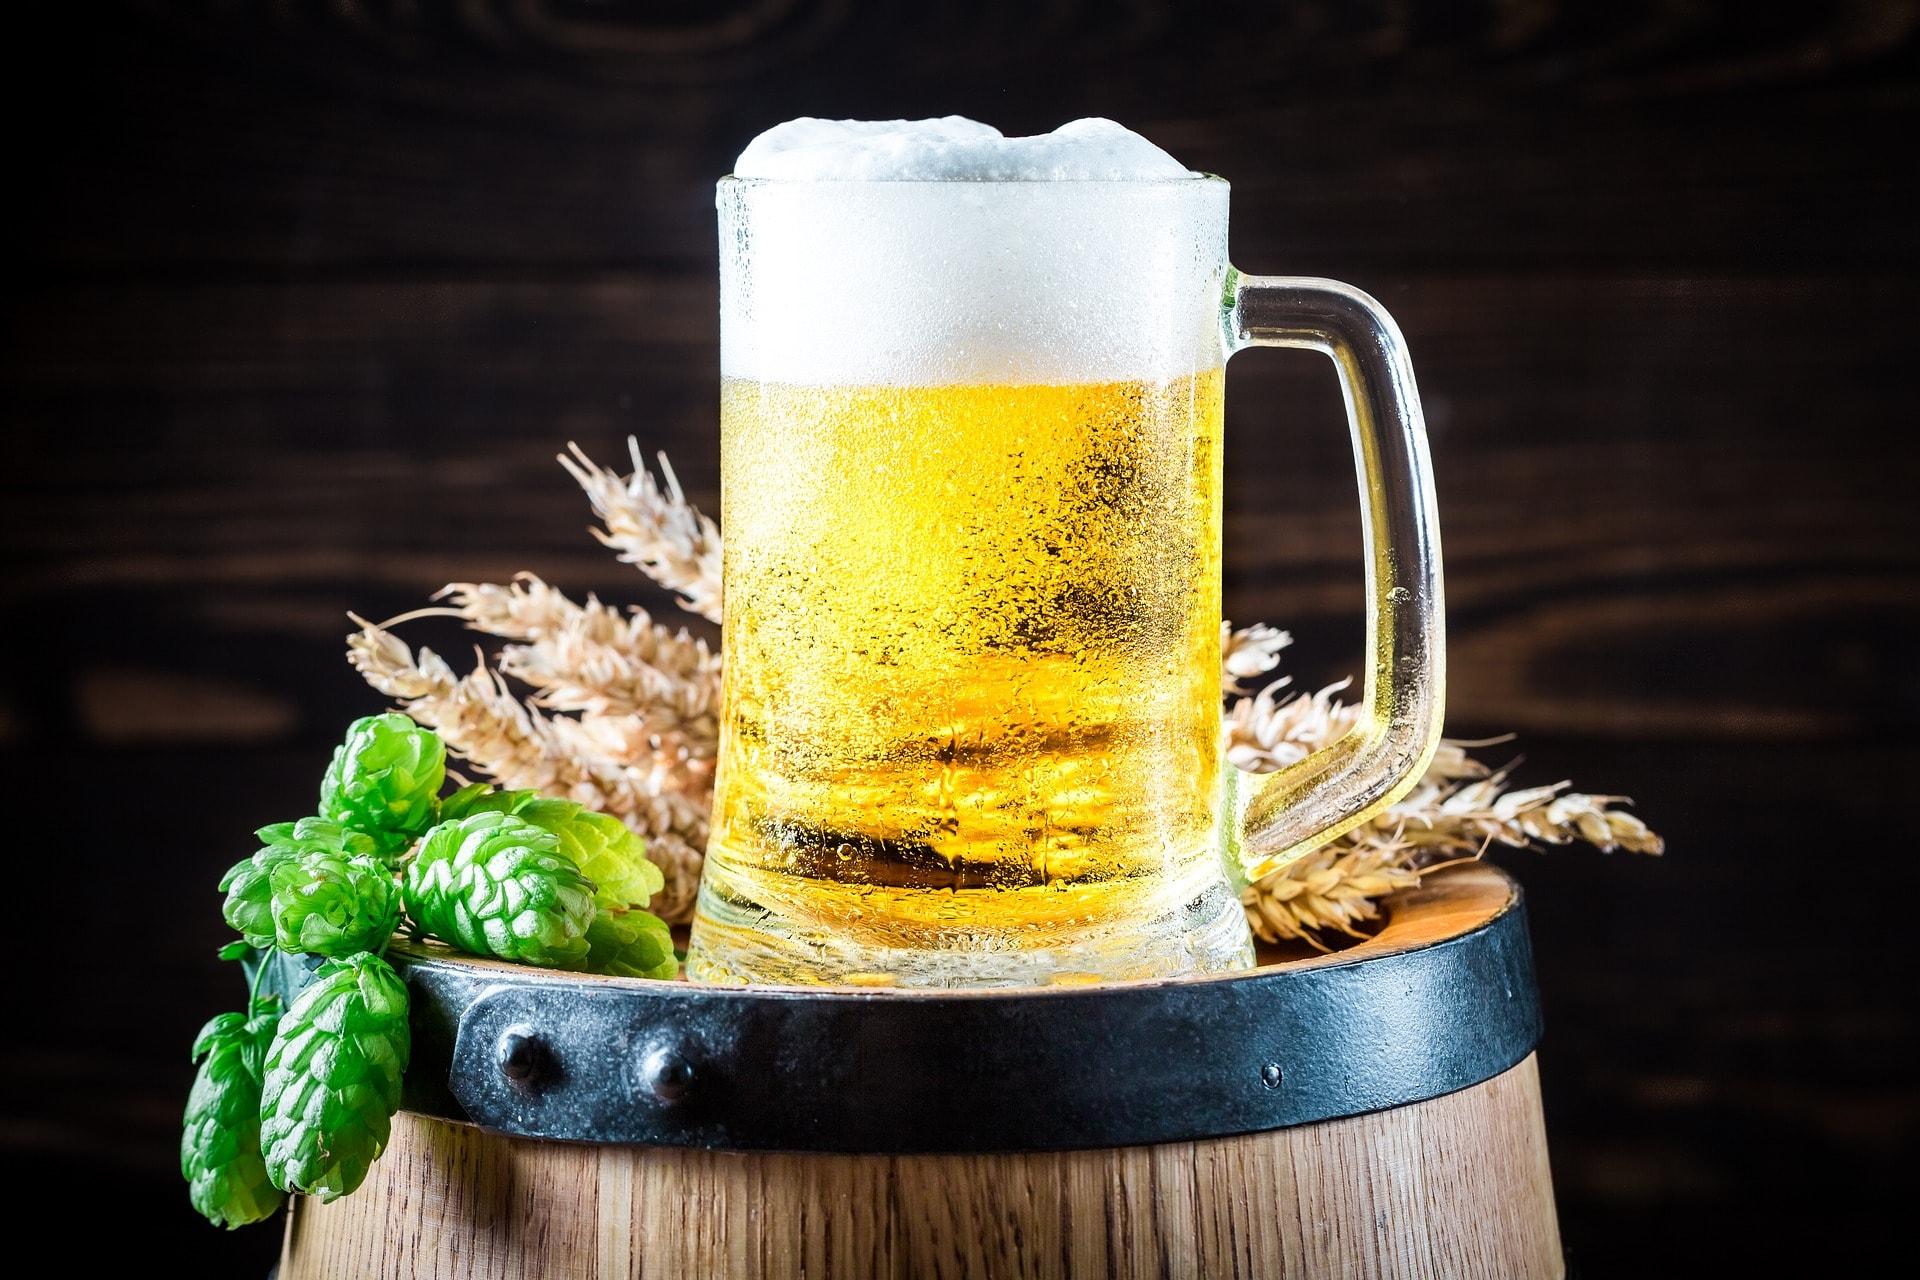 la-cerveza-buena-o-mala-beneficios-y-efectos-secundarios.jpg